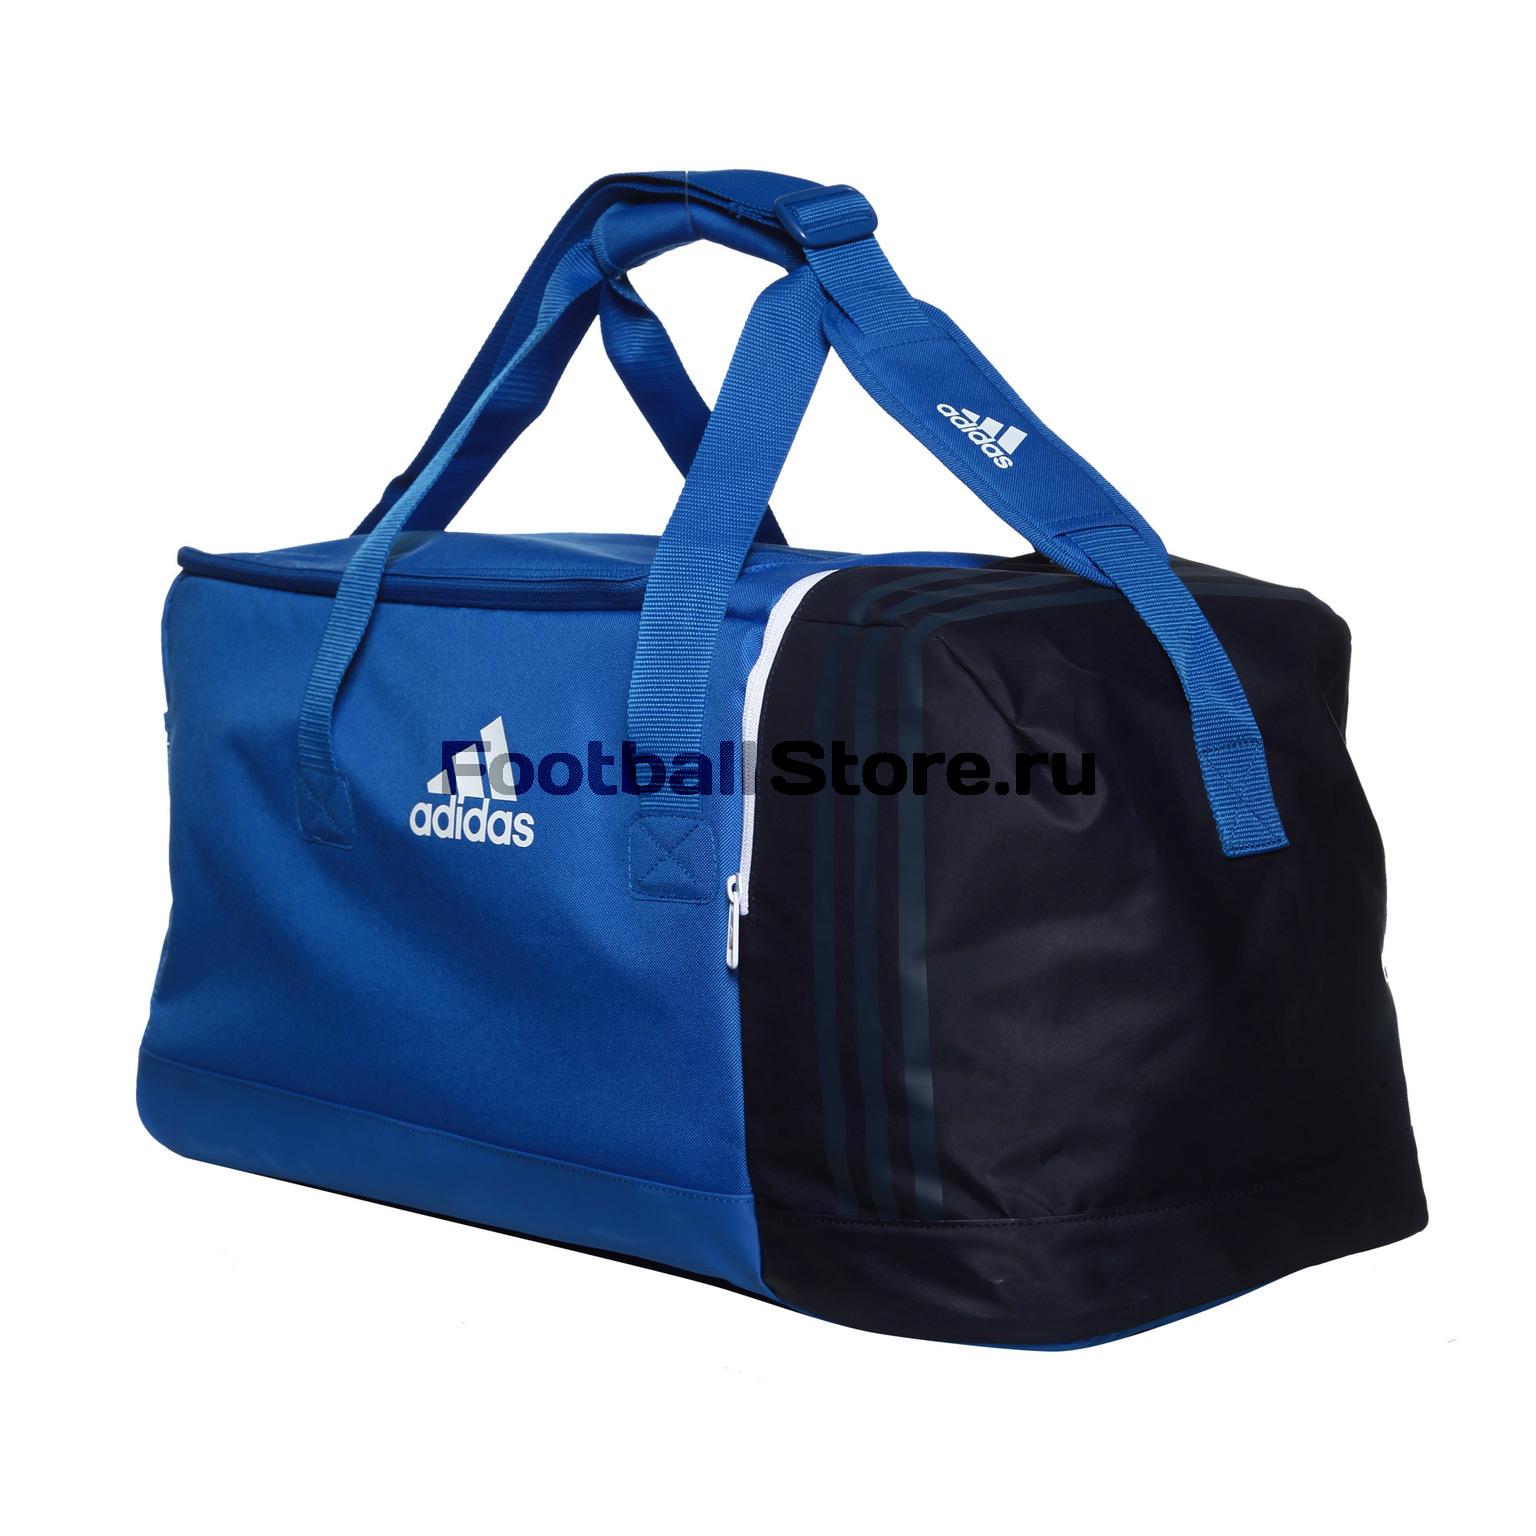 Сумка Adidas Tiro TB M B46127 сумки adidas спортивная сумка cska tb m black